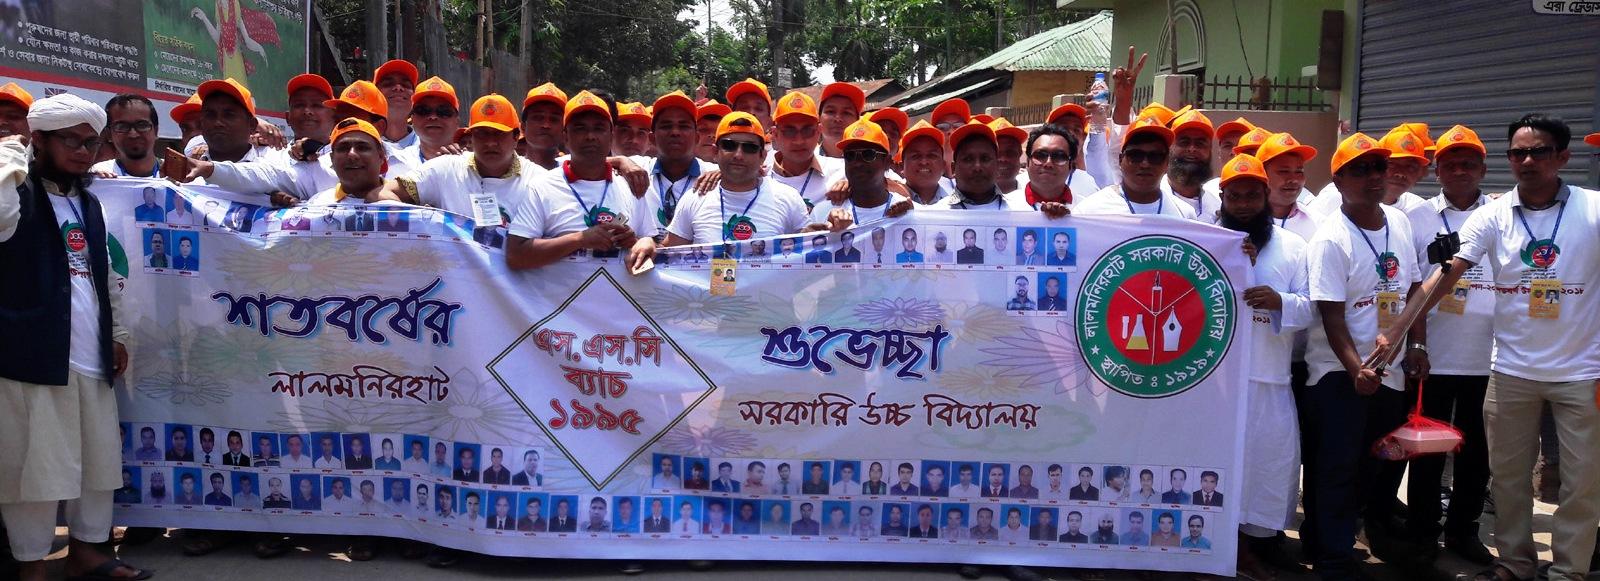 লালমনিরহাট সরকারি উচ্চ বিদ্যালয়ের শতবর্ষ উদযাপন